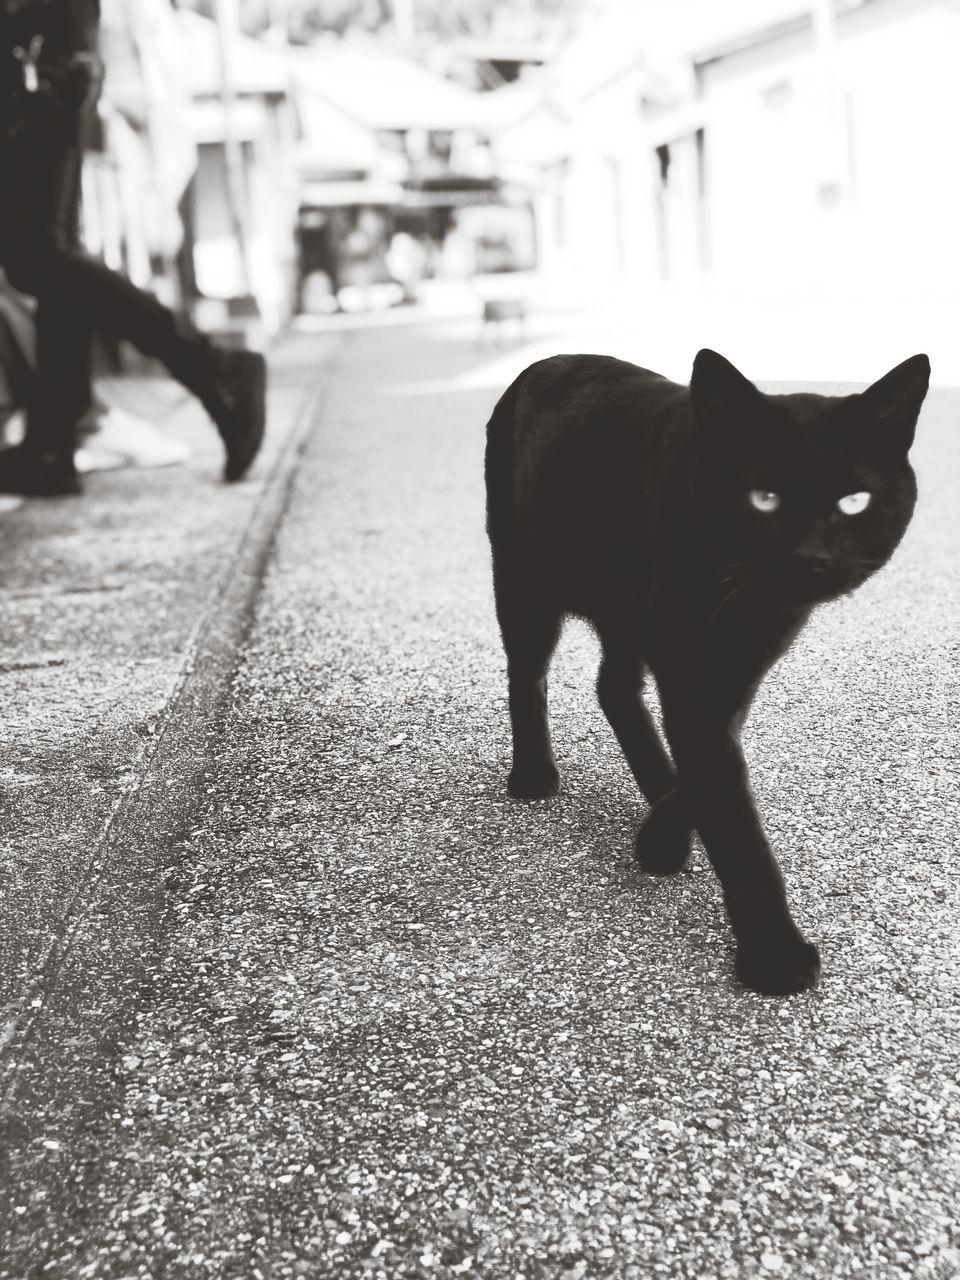 PORTRAIT OF BLACK CAT WALKING ON SIDEWALK